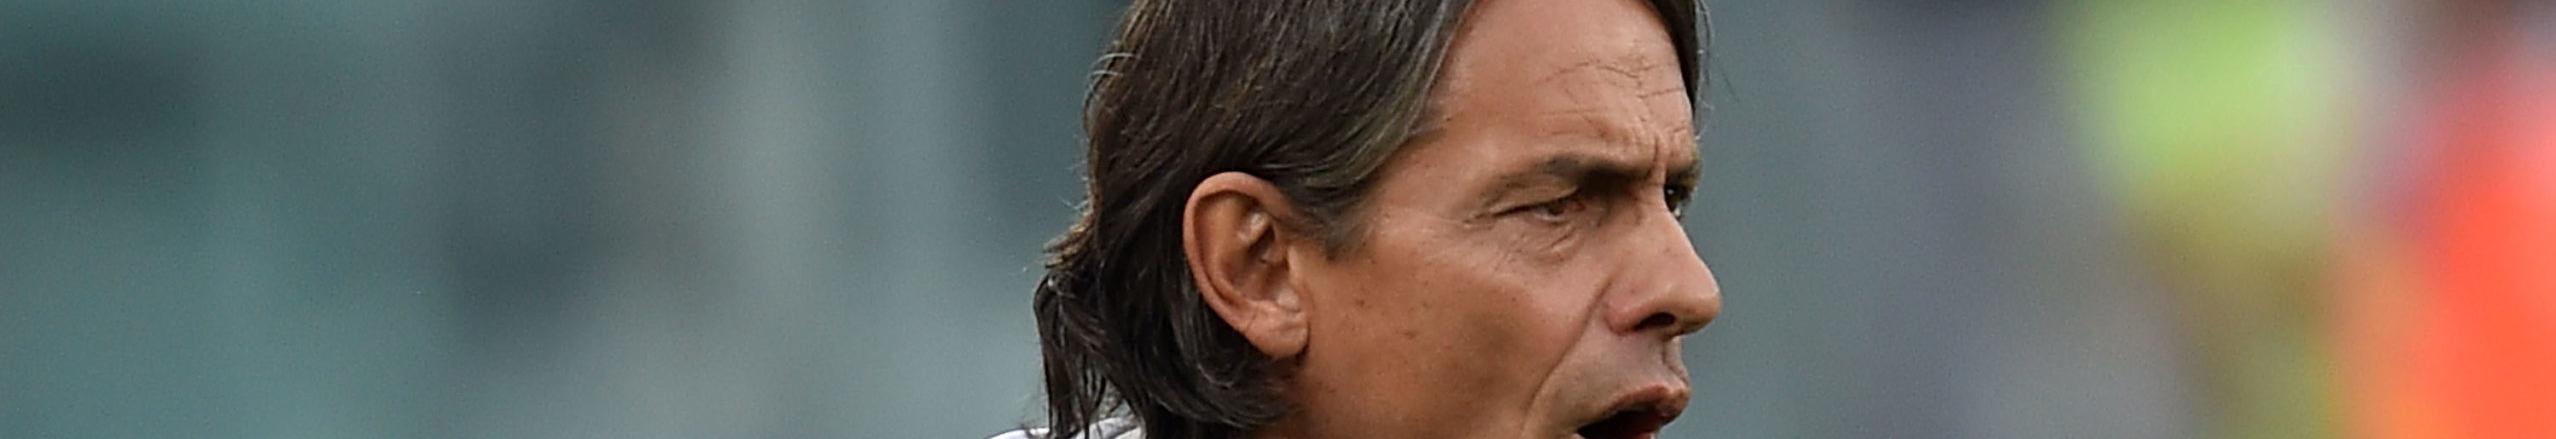 Benevento-Sampdoria, Inzaghi vuole ripartire